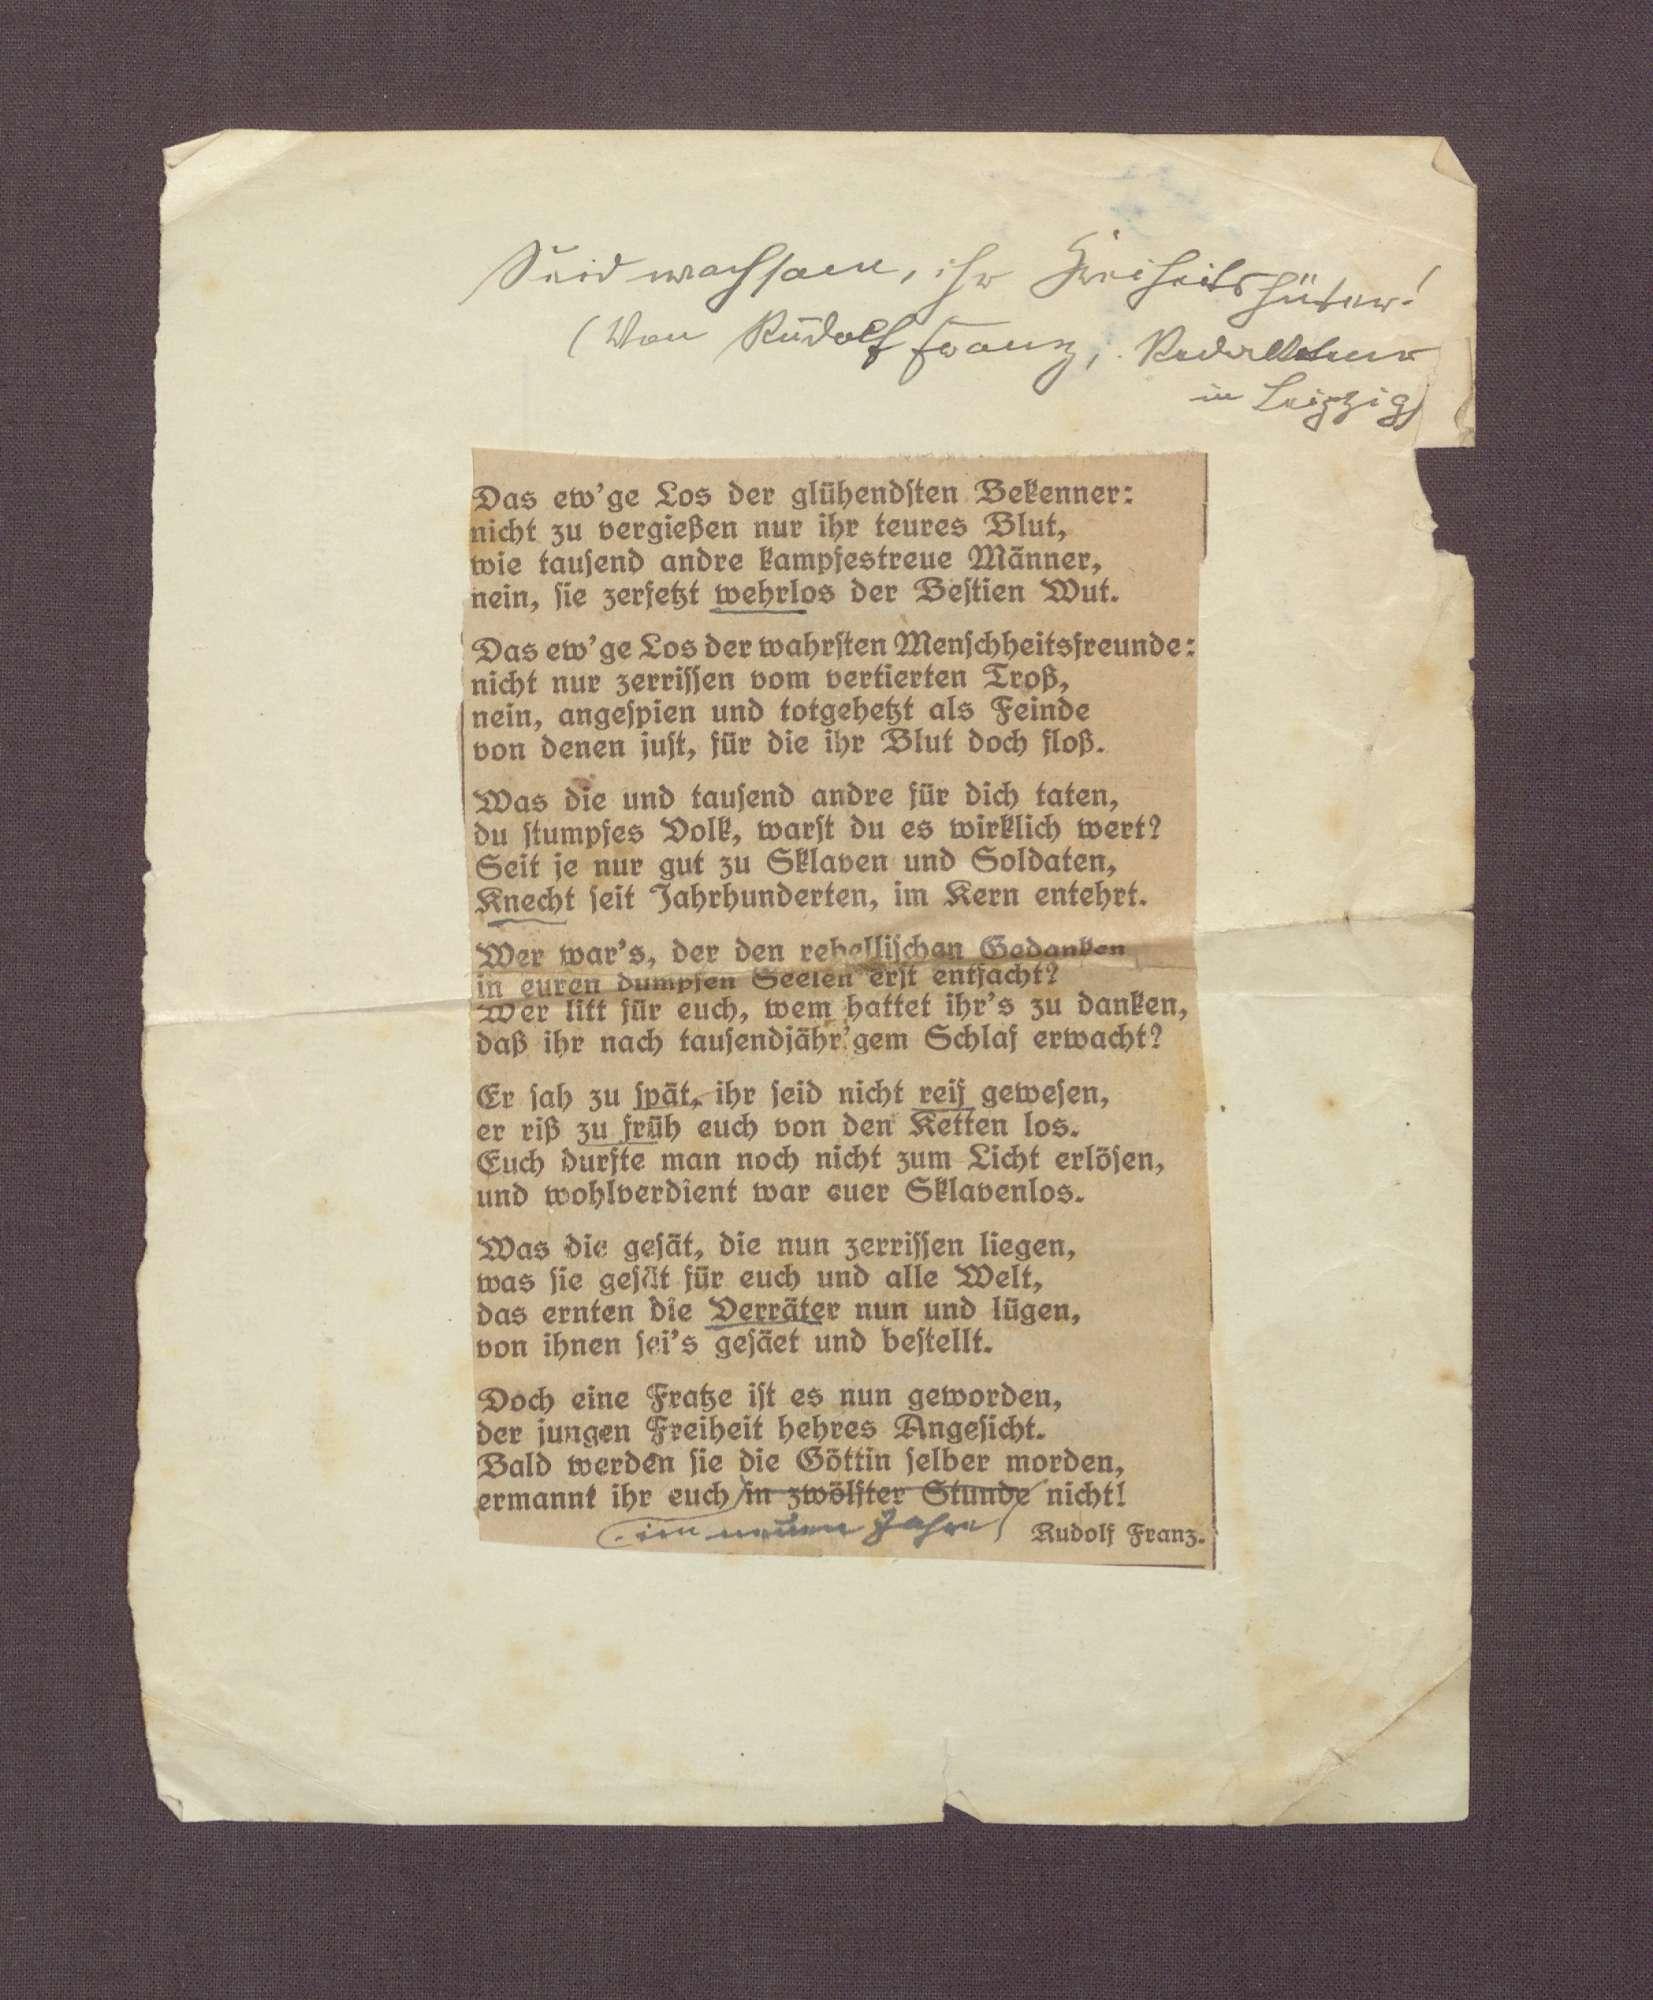 """Gedicht: """"Seid wachsam ihr Freiheitshüter"""" von Rudolf Franz, Redakteur in Leipzig, Bild 1"""